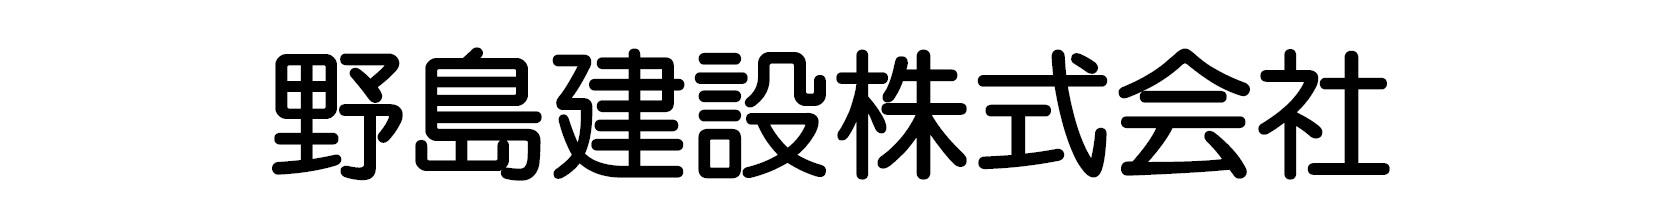 野島建設株式会社